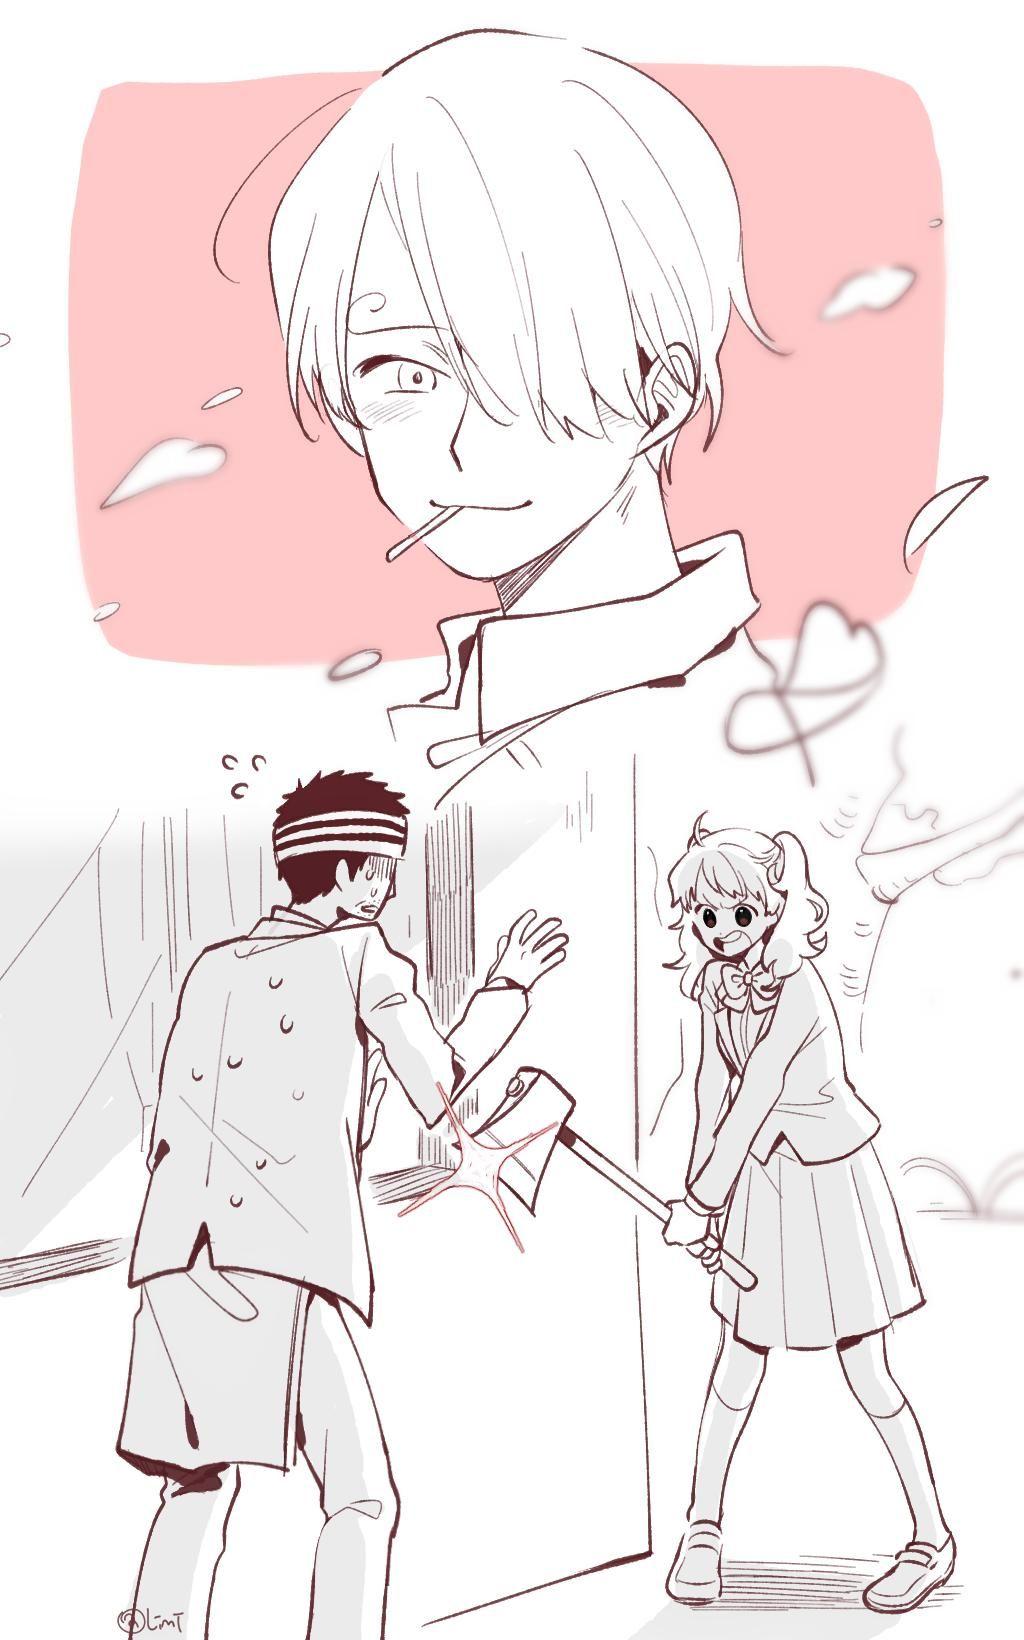 리미 mob0322 twitter one piece anime one piece manga one piece meme